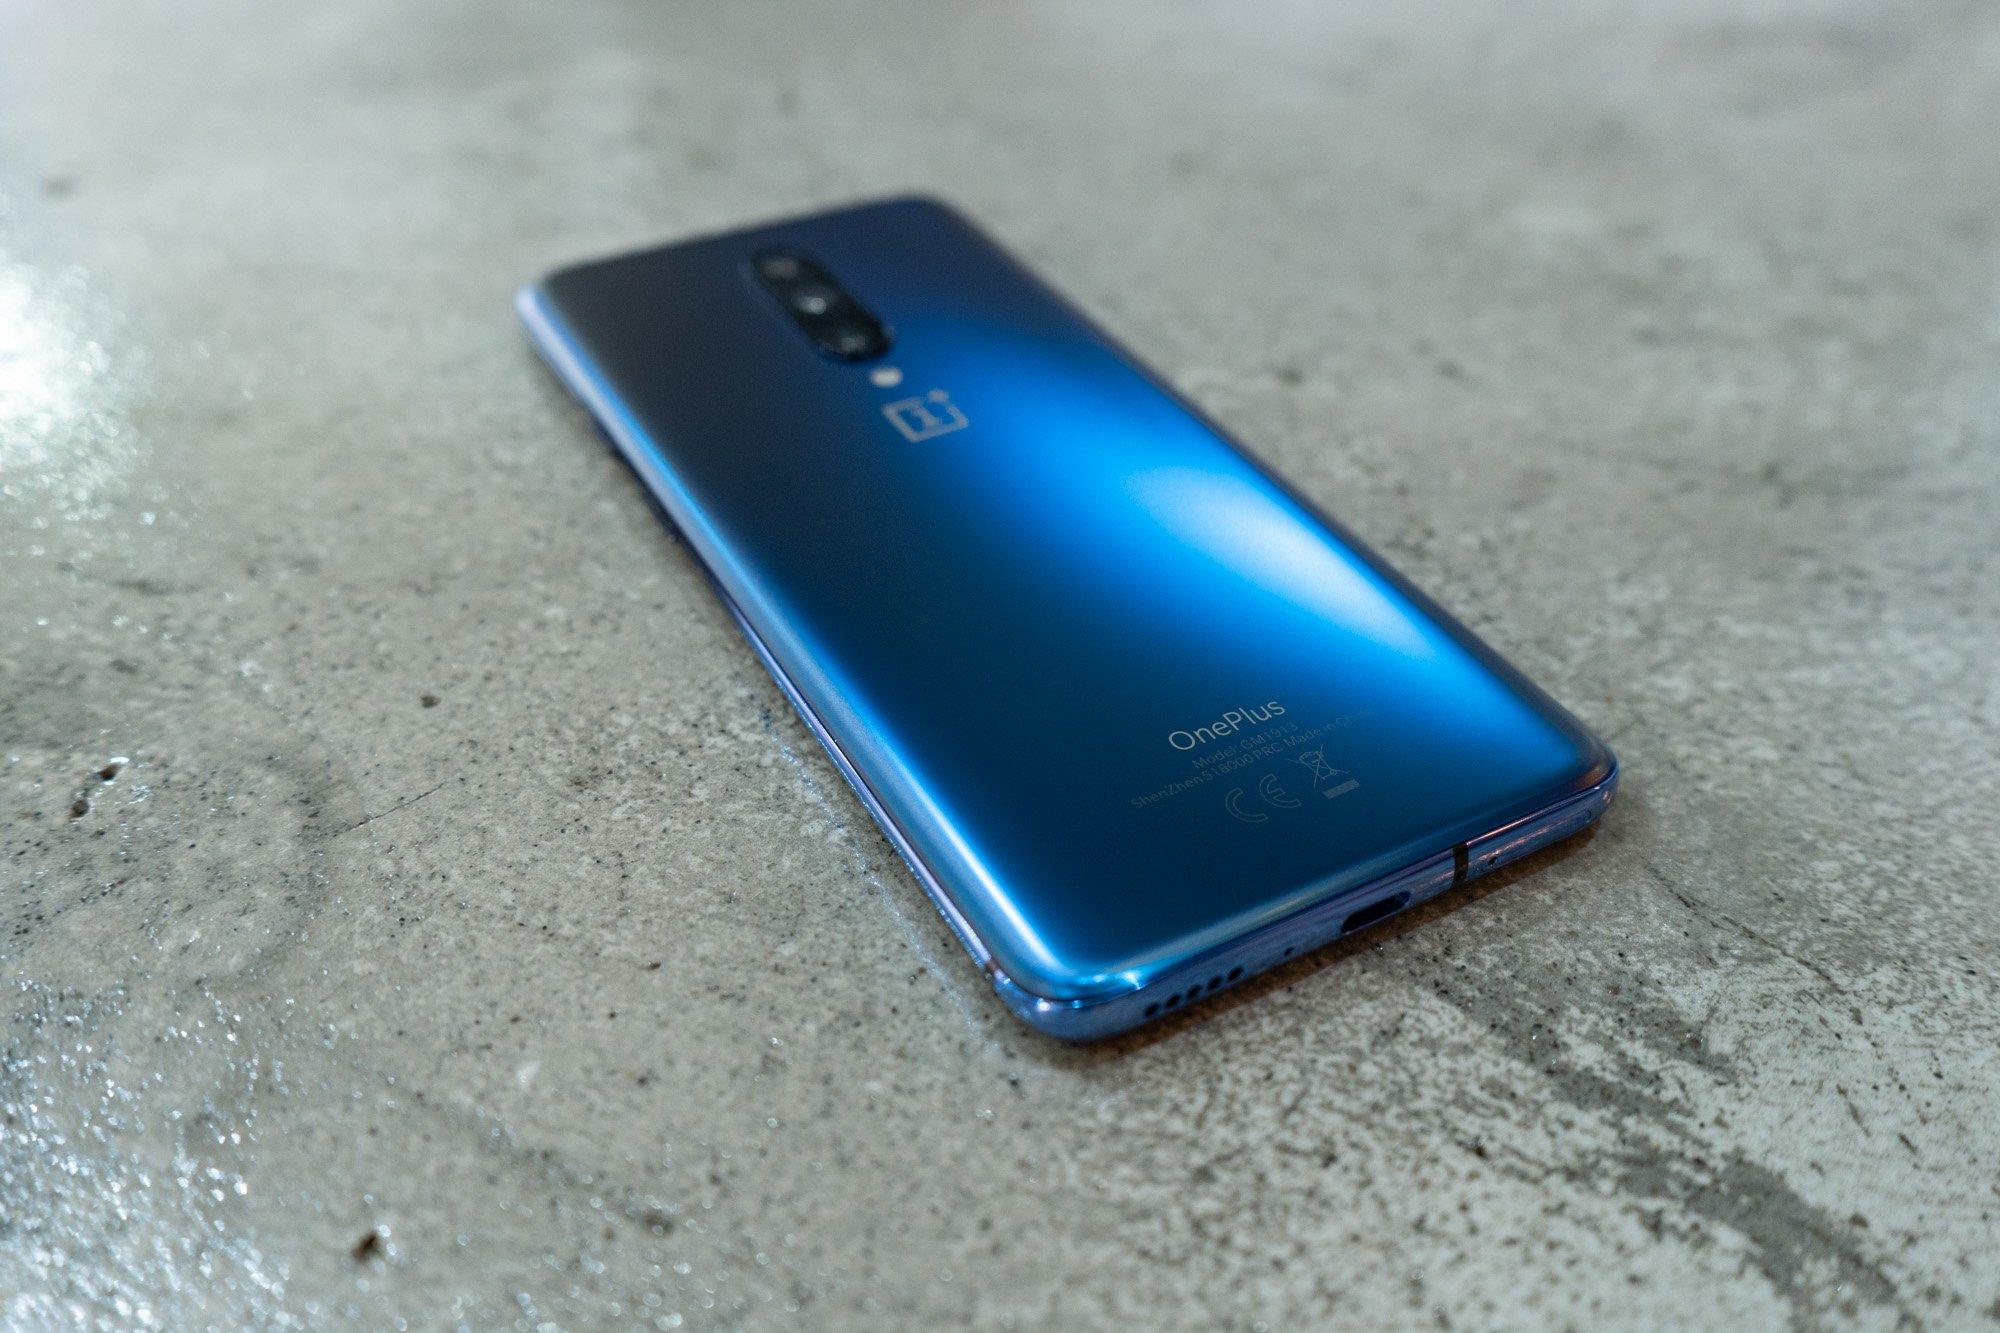 Die Verarbeitung des OnePlus 7 Pro kann sich wirklich sehen lassen, das Gehäuse aus Aluminium und die Front- sowie Rückseite aus Glas hinterlassen einen großartigen Eindruck.